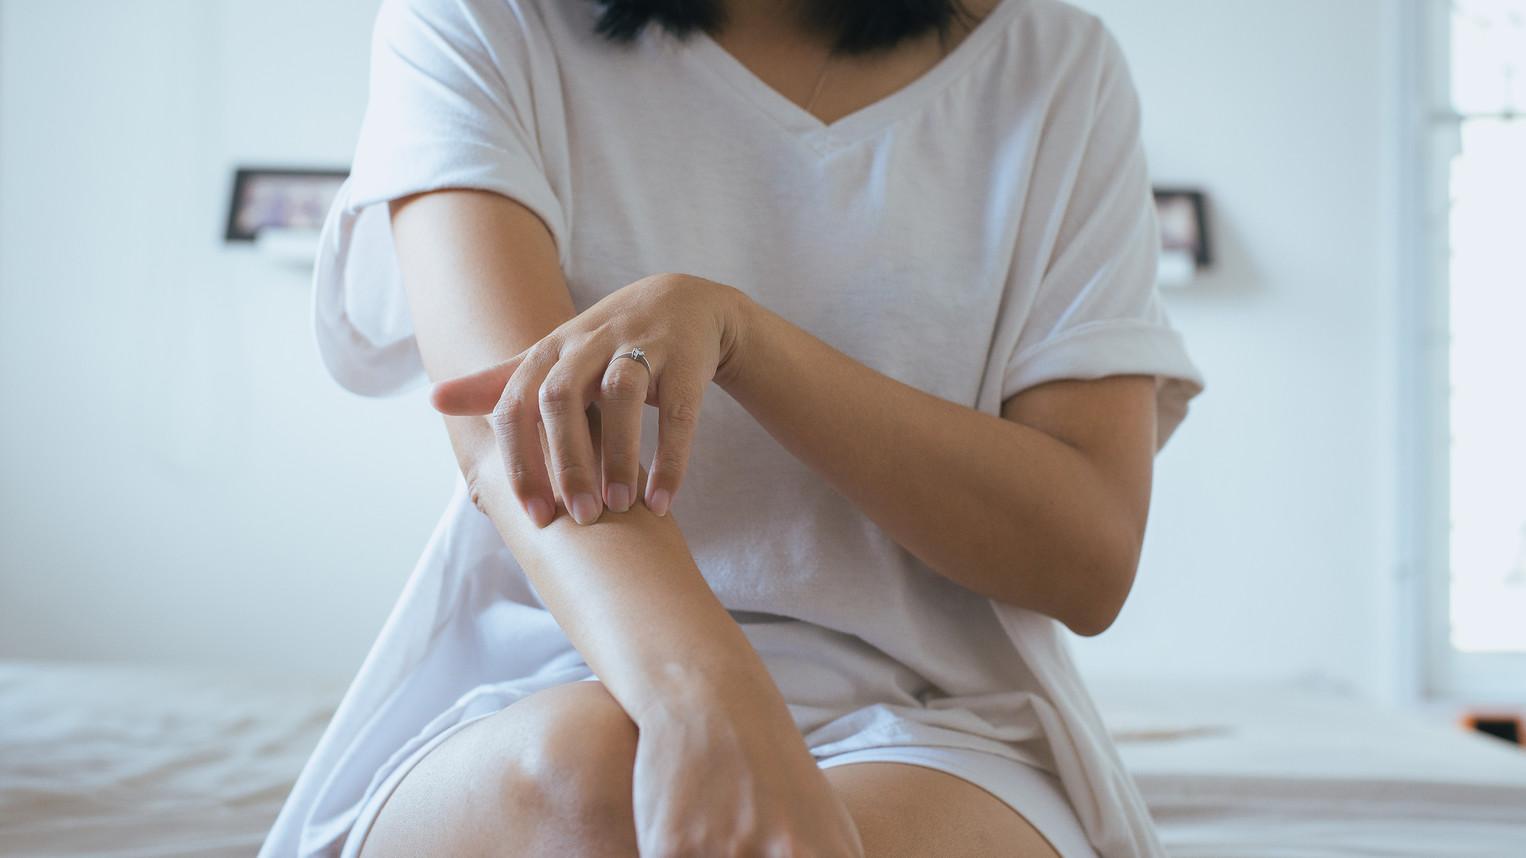 hogyan lehet pikkelysömör gyógyítani otthon könyökön